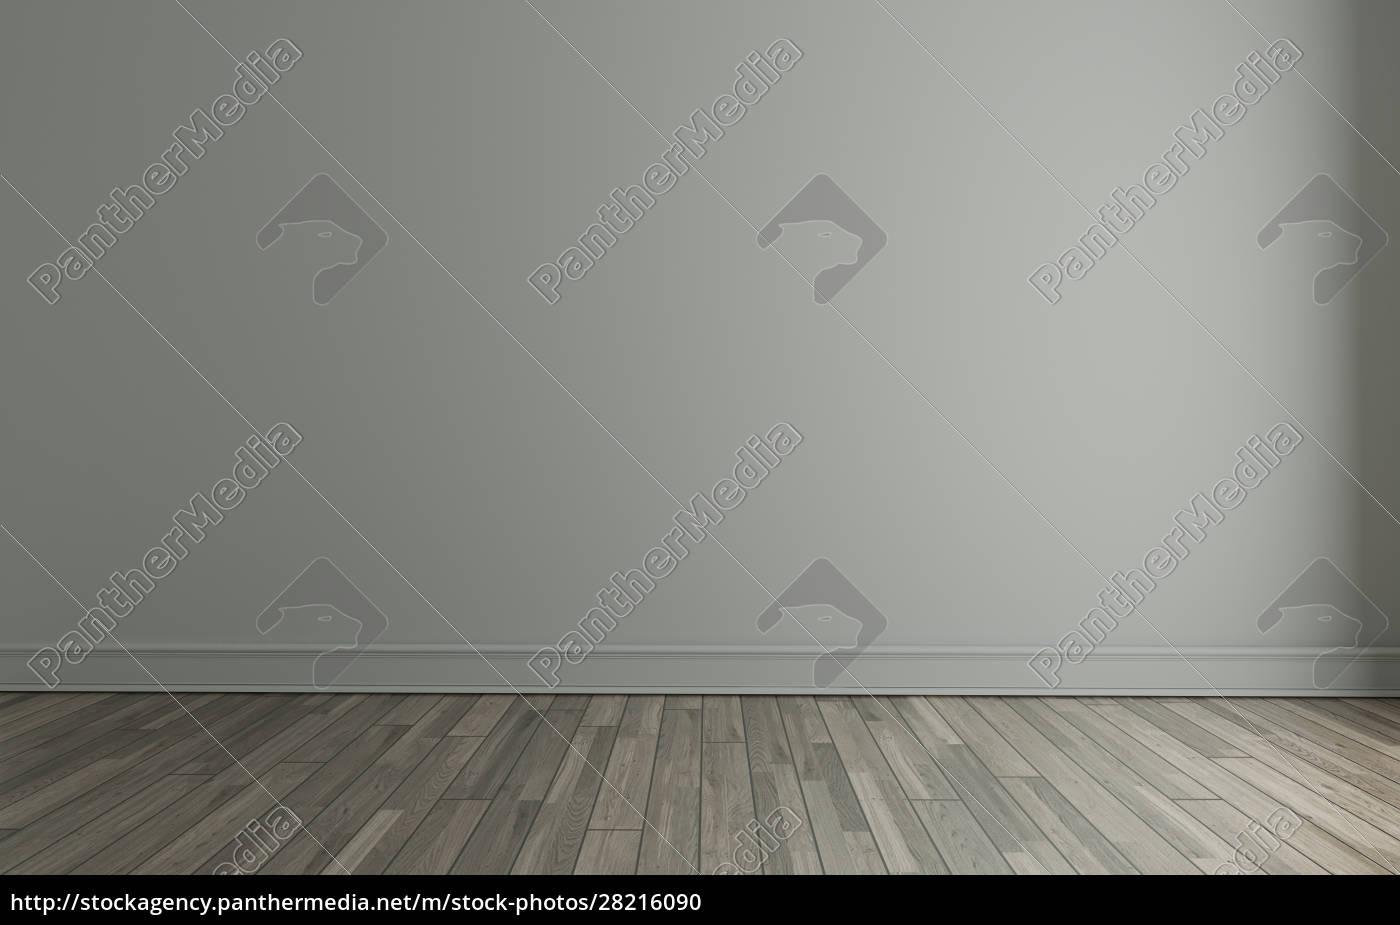 indoor, wall, and, wooden, floor, under - 28216090